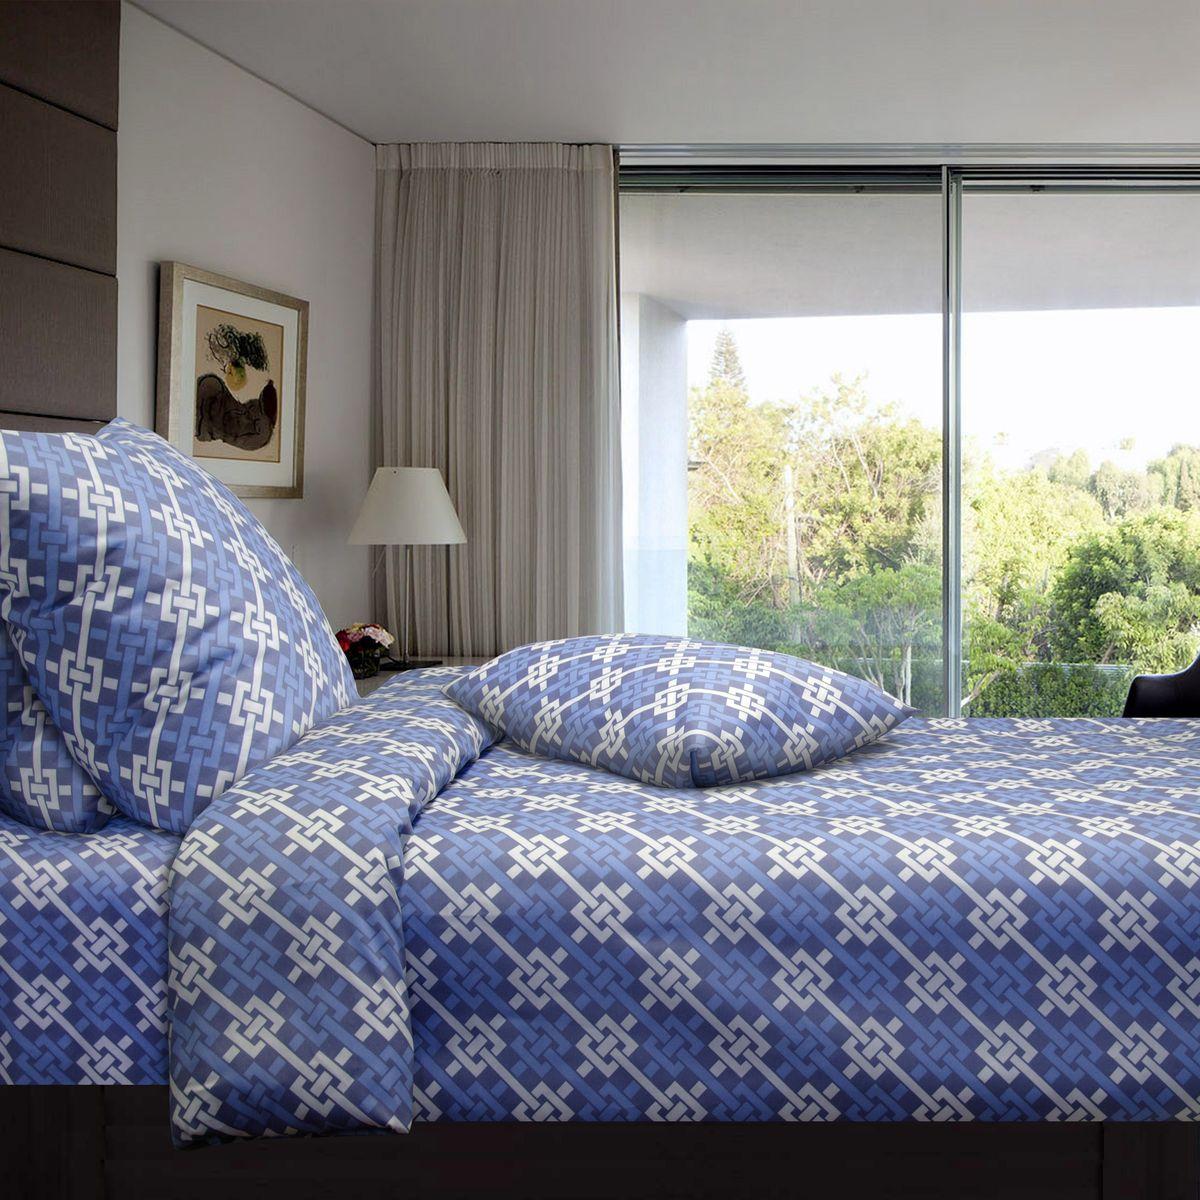 Комплект белья Коллекция Синева, 2-спальный, наволочки 50x70. СП2/50/ОЗ/синеваСП2/50/ОЗ/синева